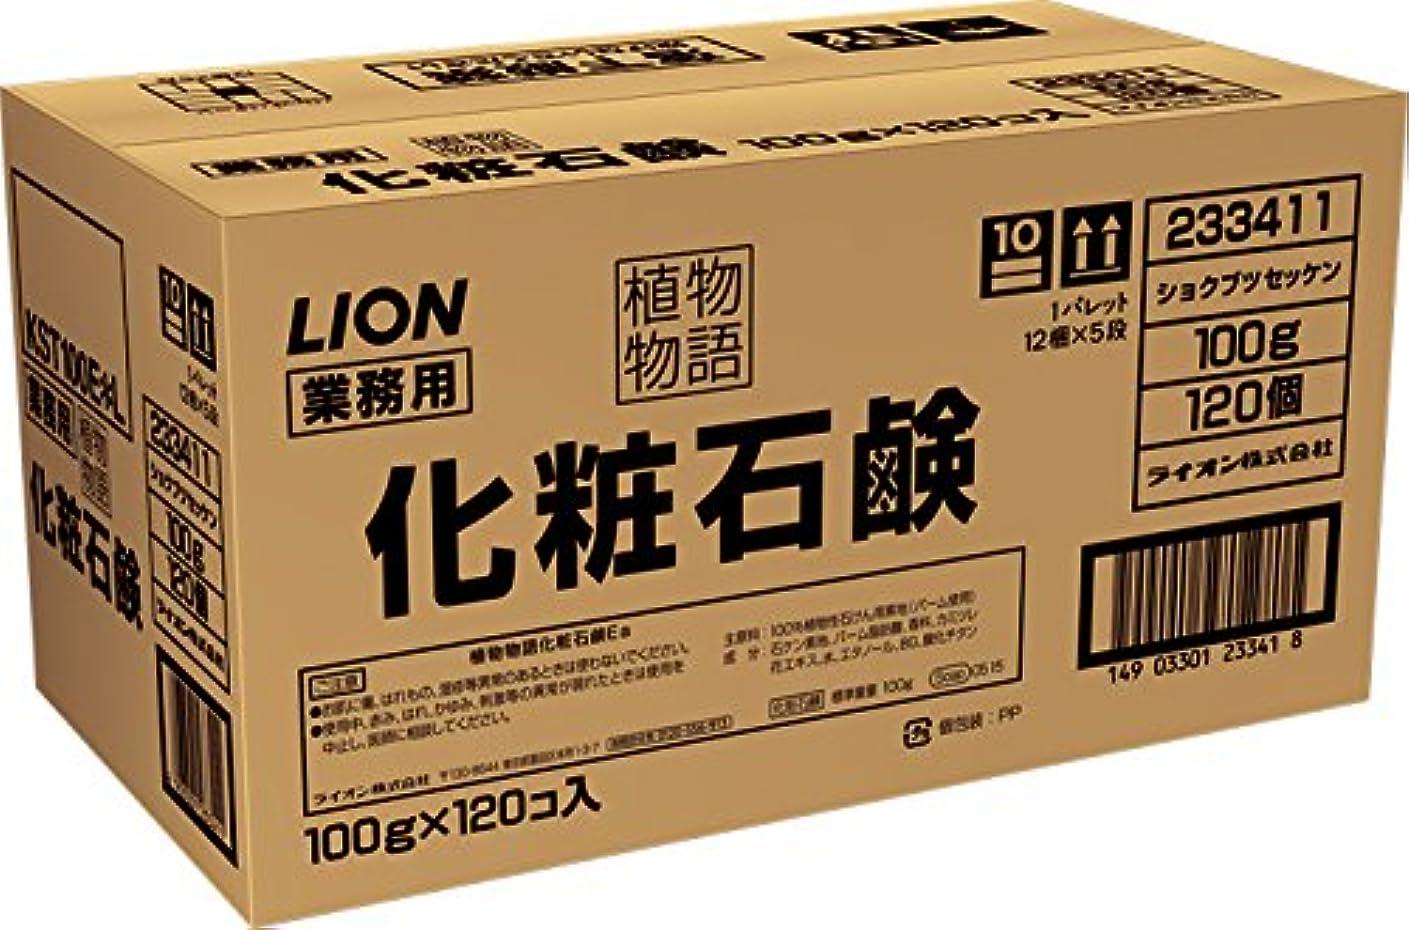 事業内容ホテル一般的なライオン 業務用石鹸 植物物語 100g×120個入